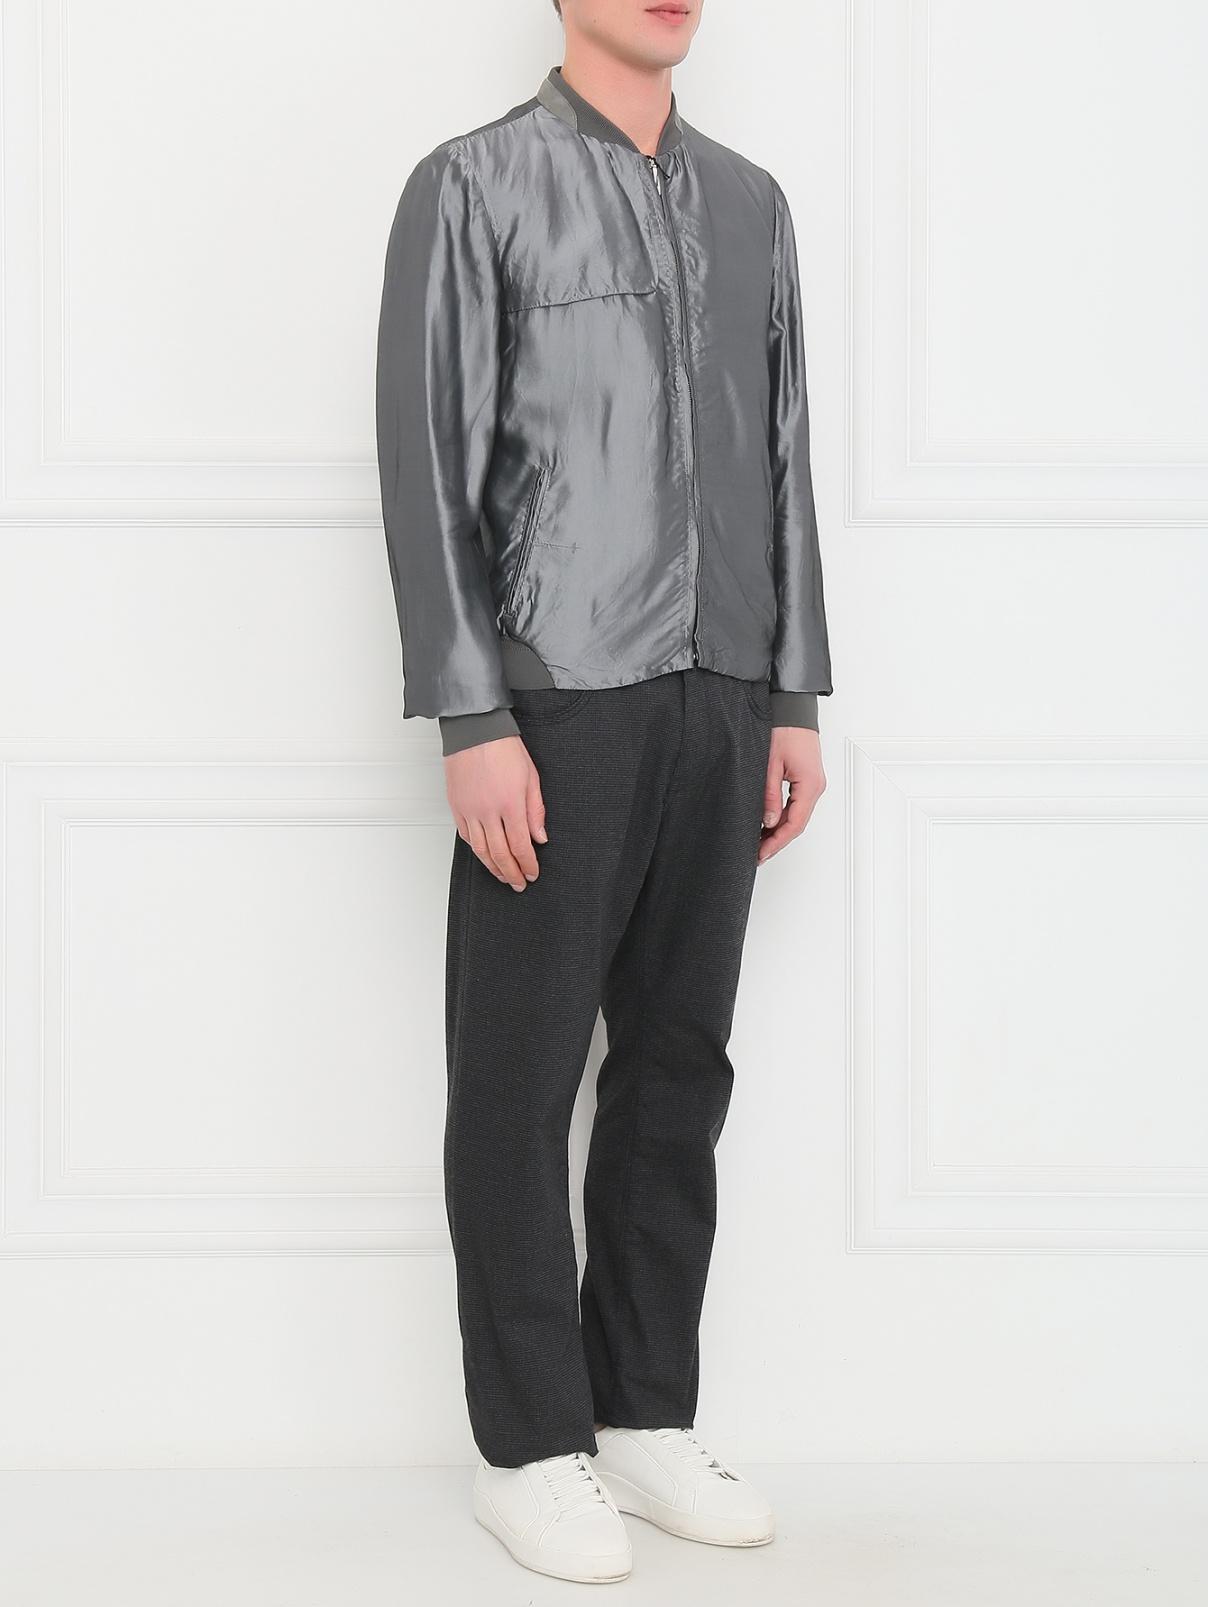 Куртка-бомбер на молнии с боковыми карманами Costume National  –  Модель Общий вид  – Цвет:  Серый